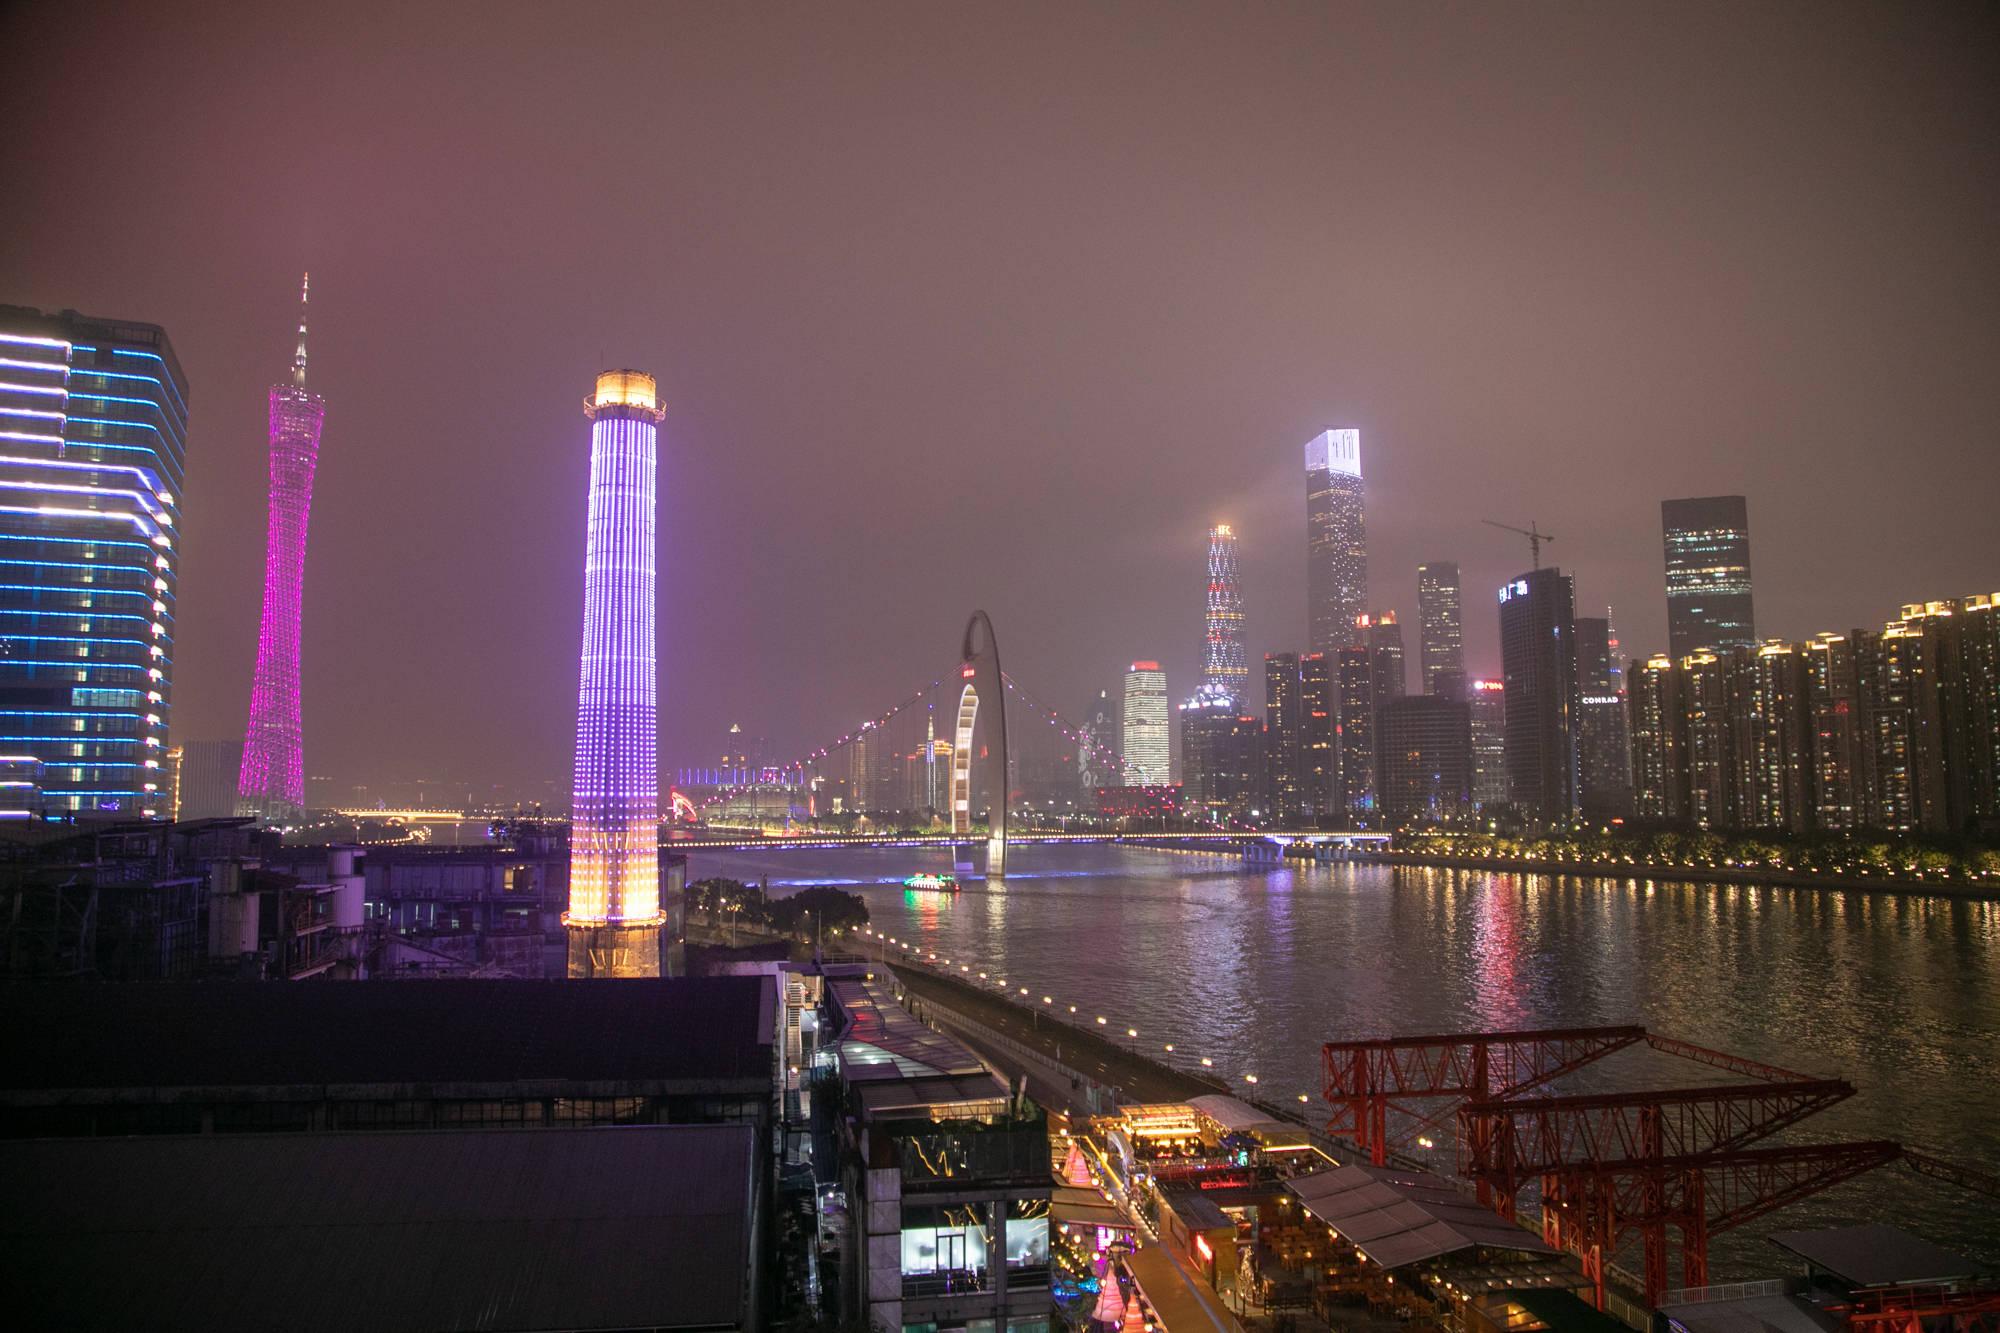 原创             中国五大最美夜景城市,广州、上海、重庆,哪个更具国际范儿?